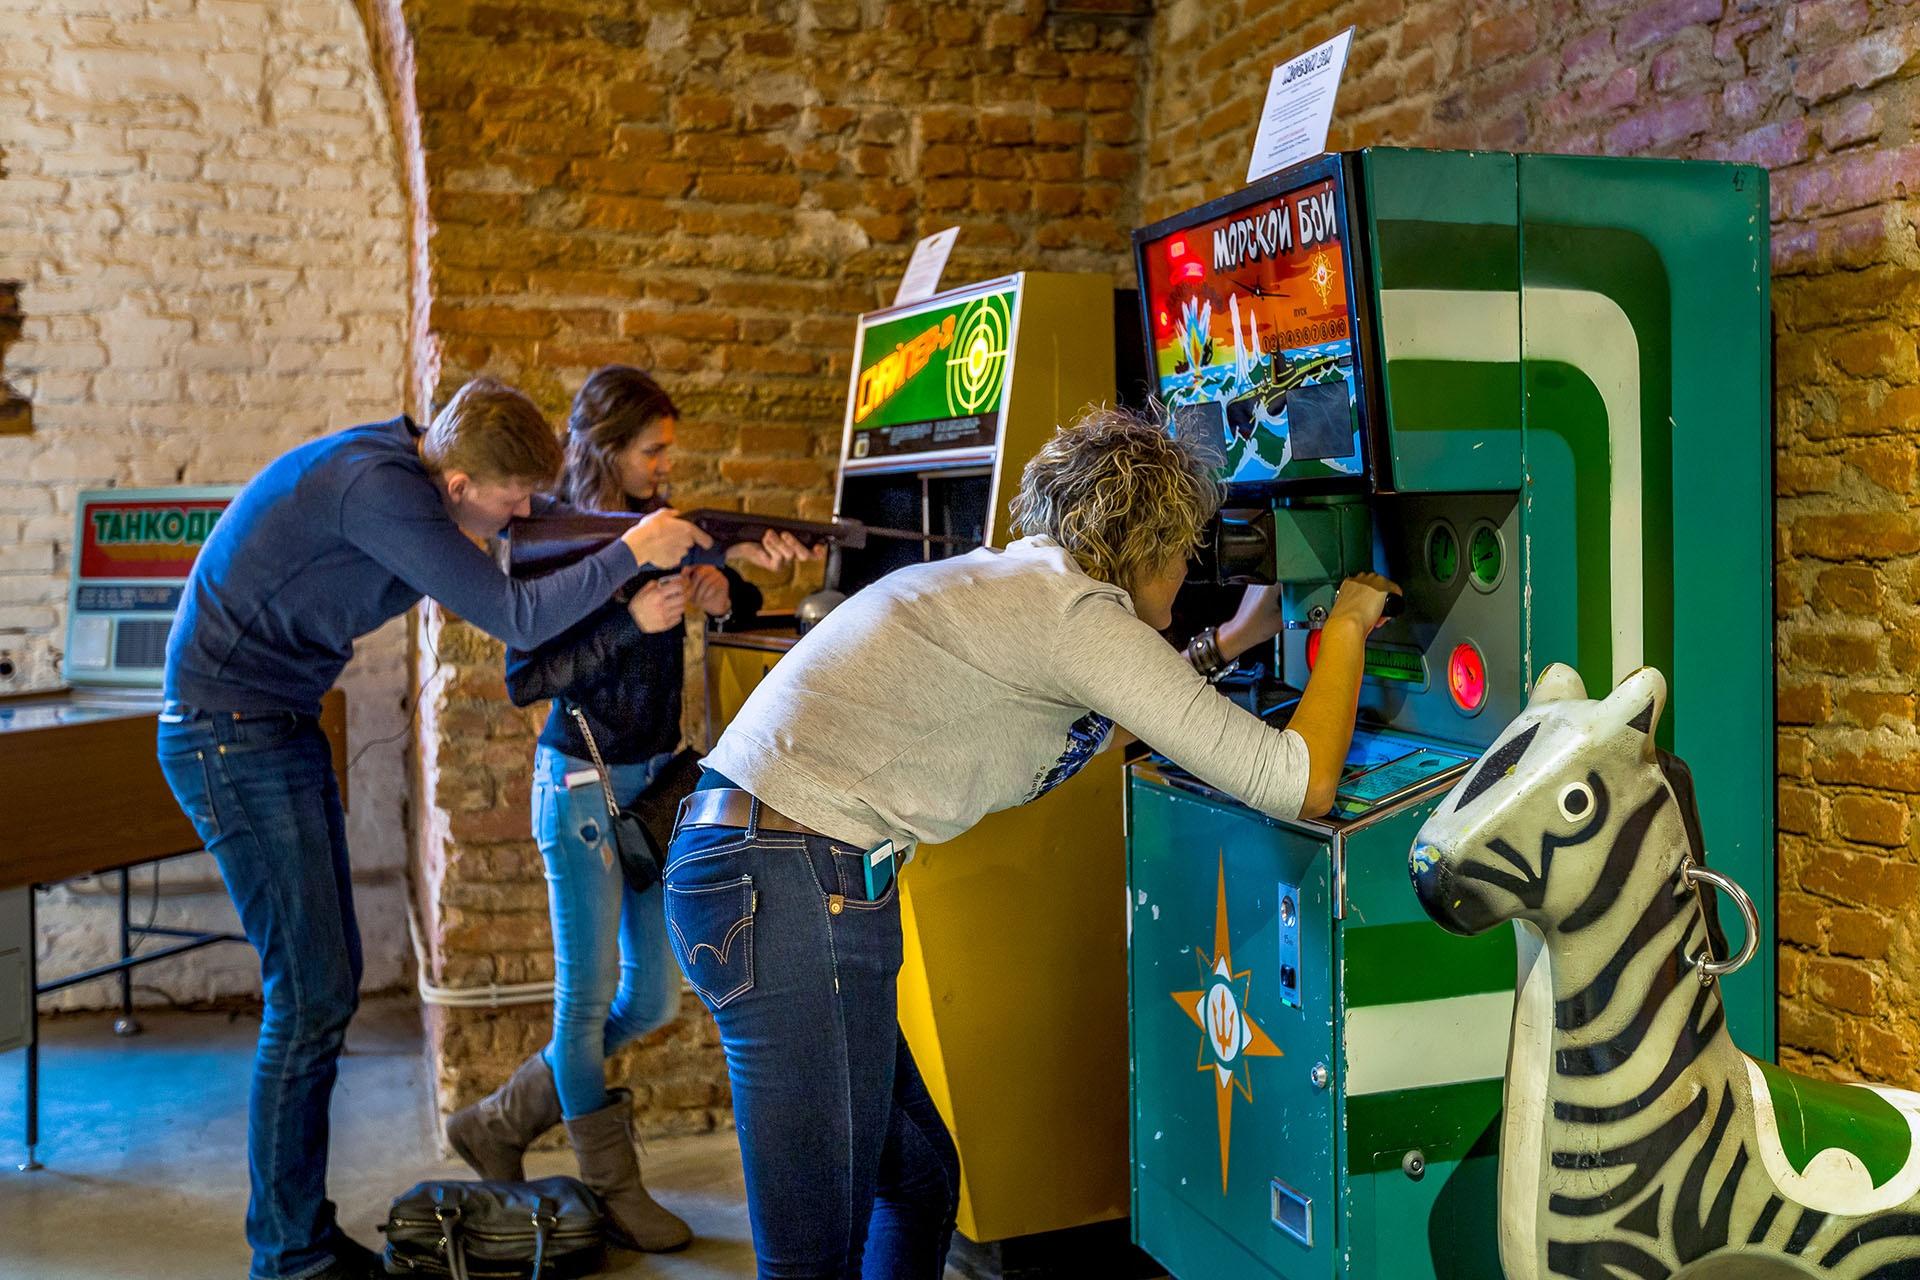 Аркадные игровые автоматы тула санкт-петербург новые вакансии зал игровых автоматов, казино